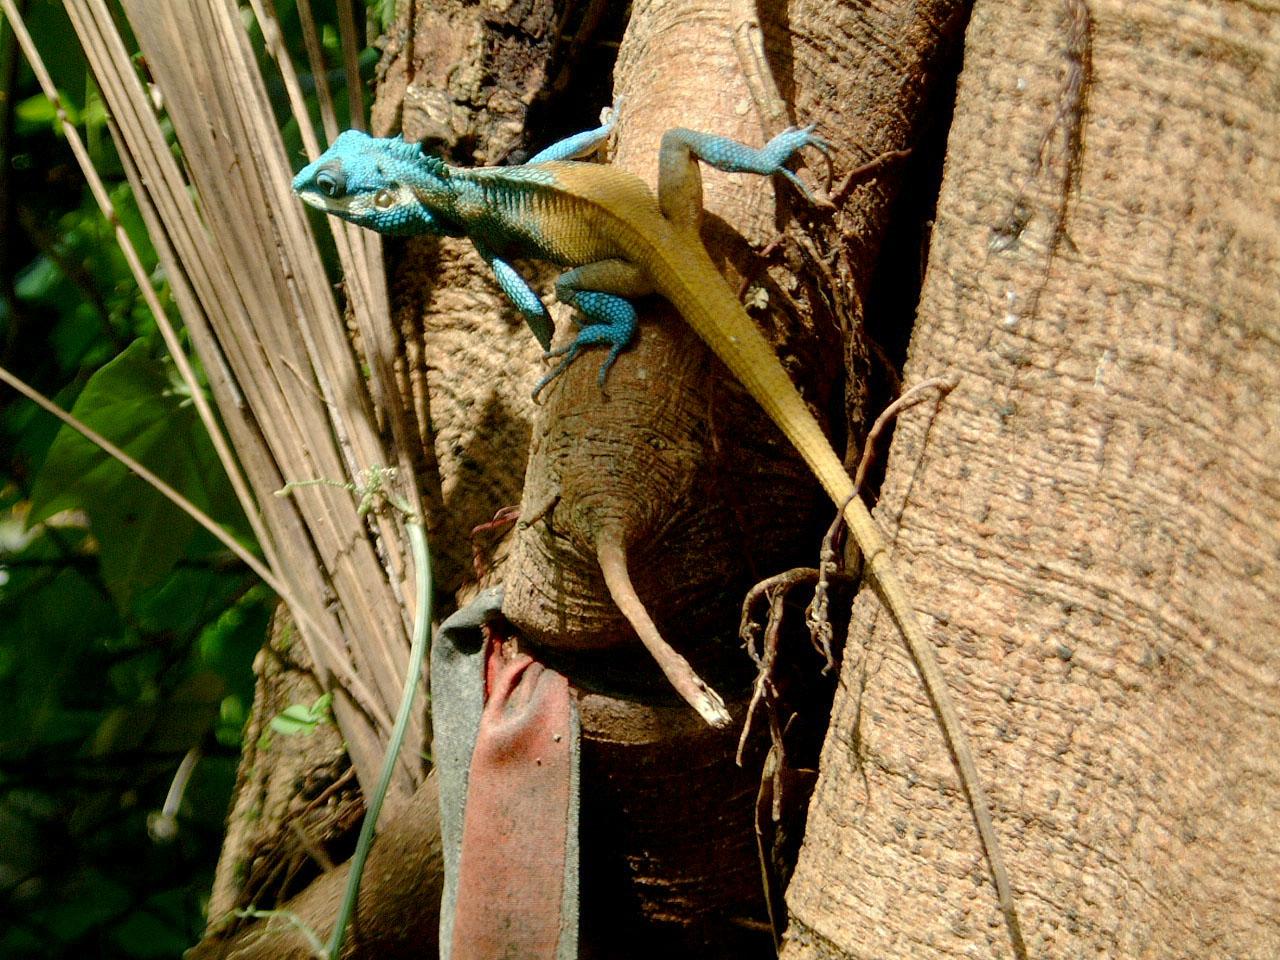 Lizard Myanmar Hmawbi 04